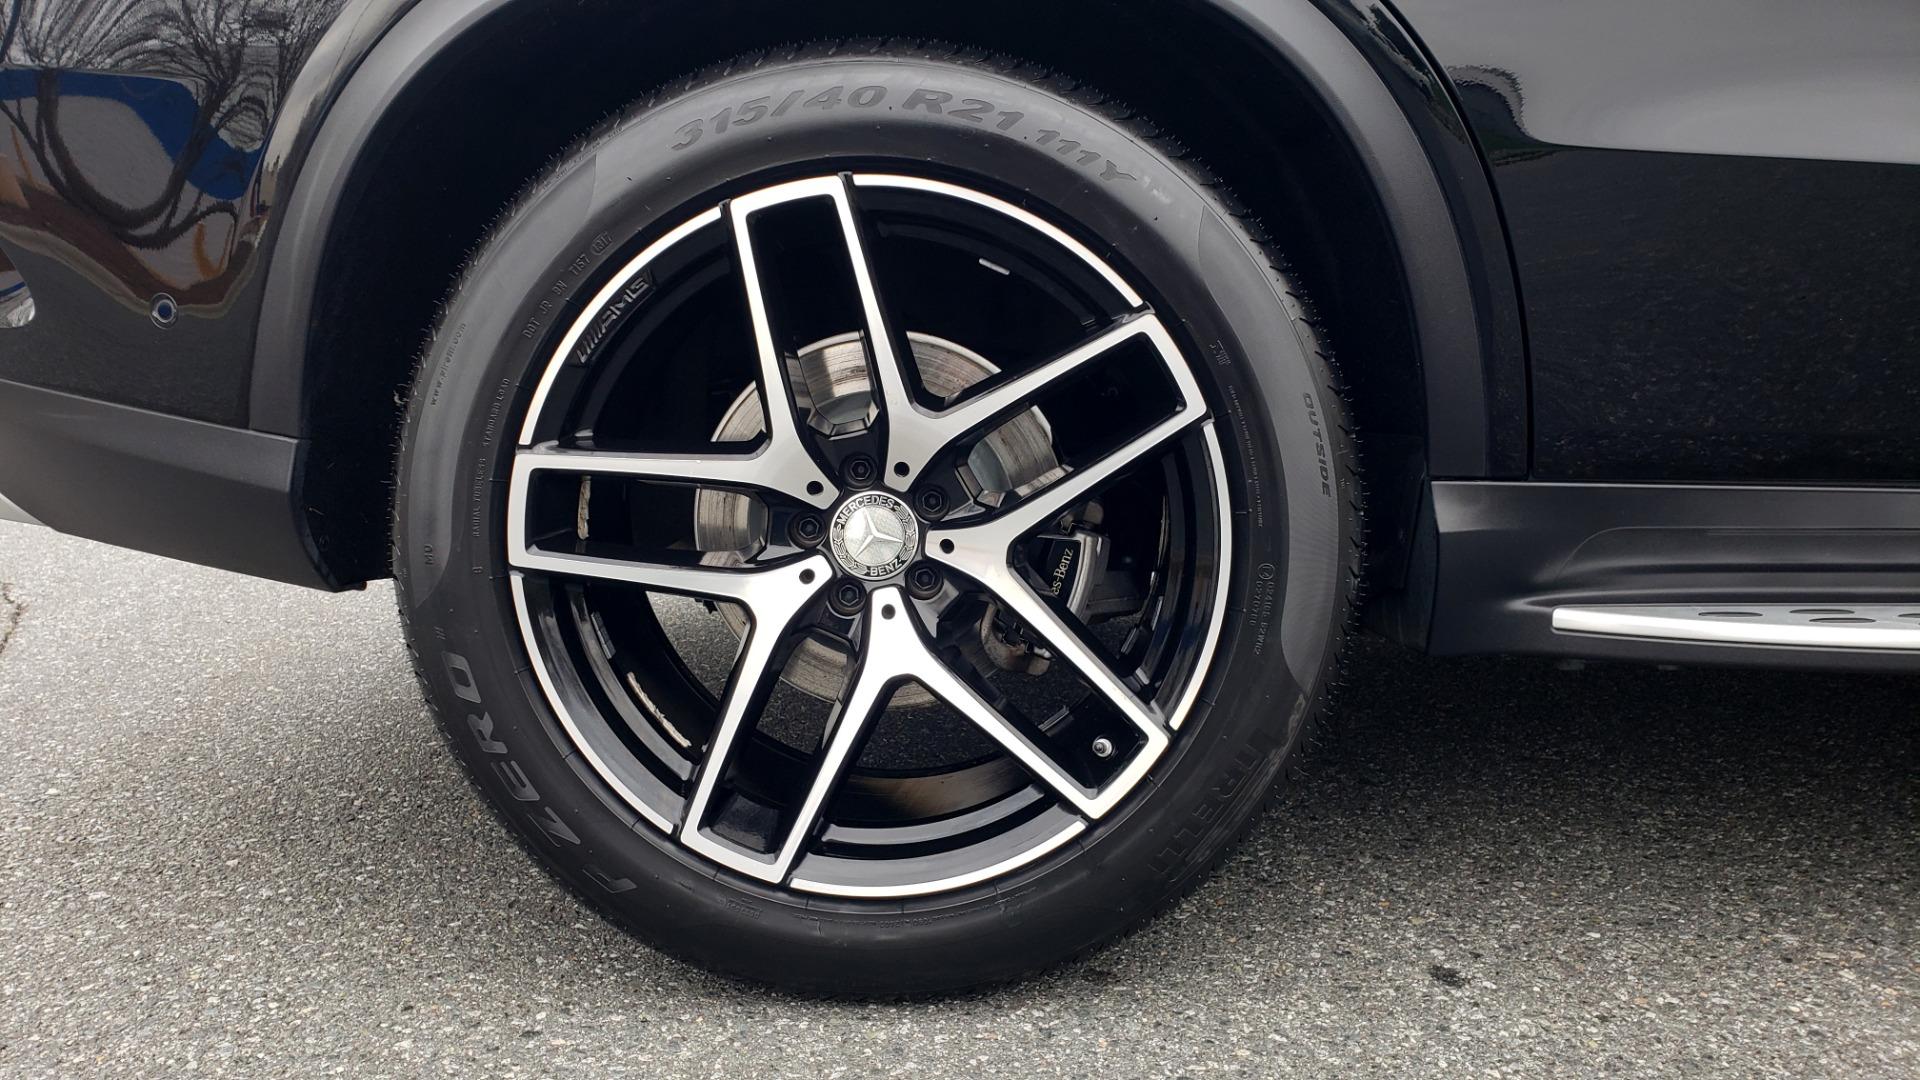 Used 2016 Mercedes-Benz GLE 450 AMG / AWD / PREM PKG / PARK ASST / DRVR ASST / SUNROOF for sale Sold at Formula Imports in Charlotte NC 28227 88